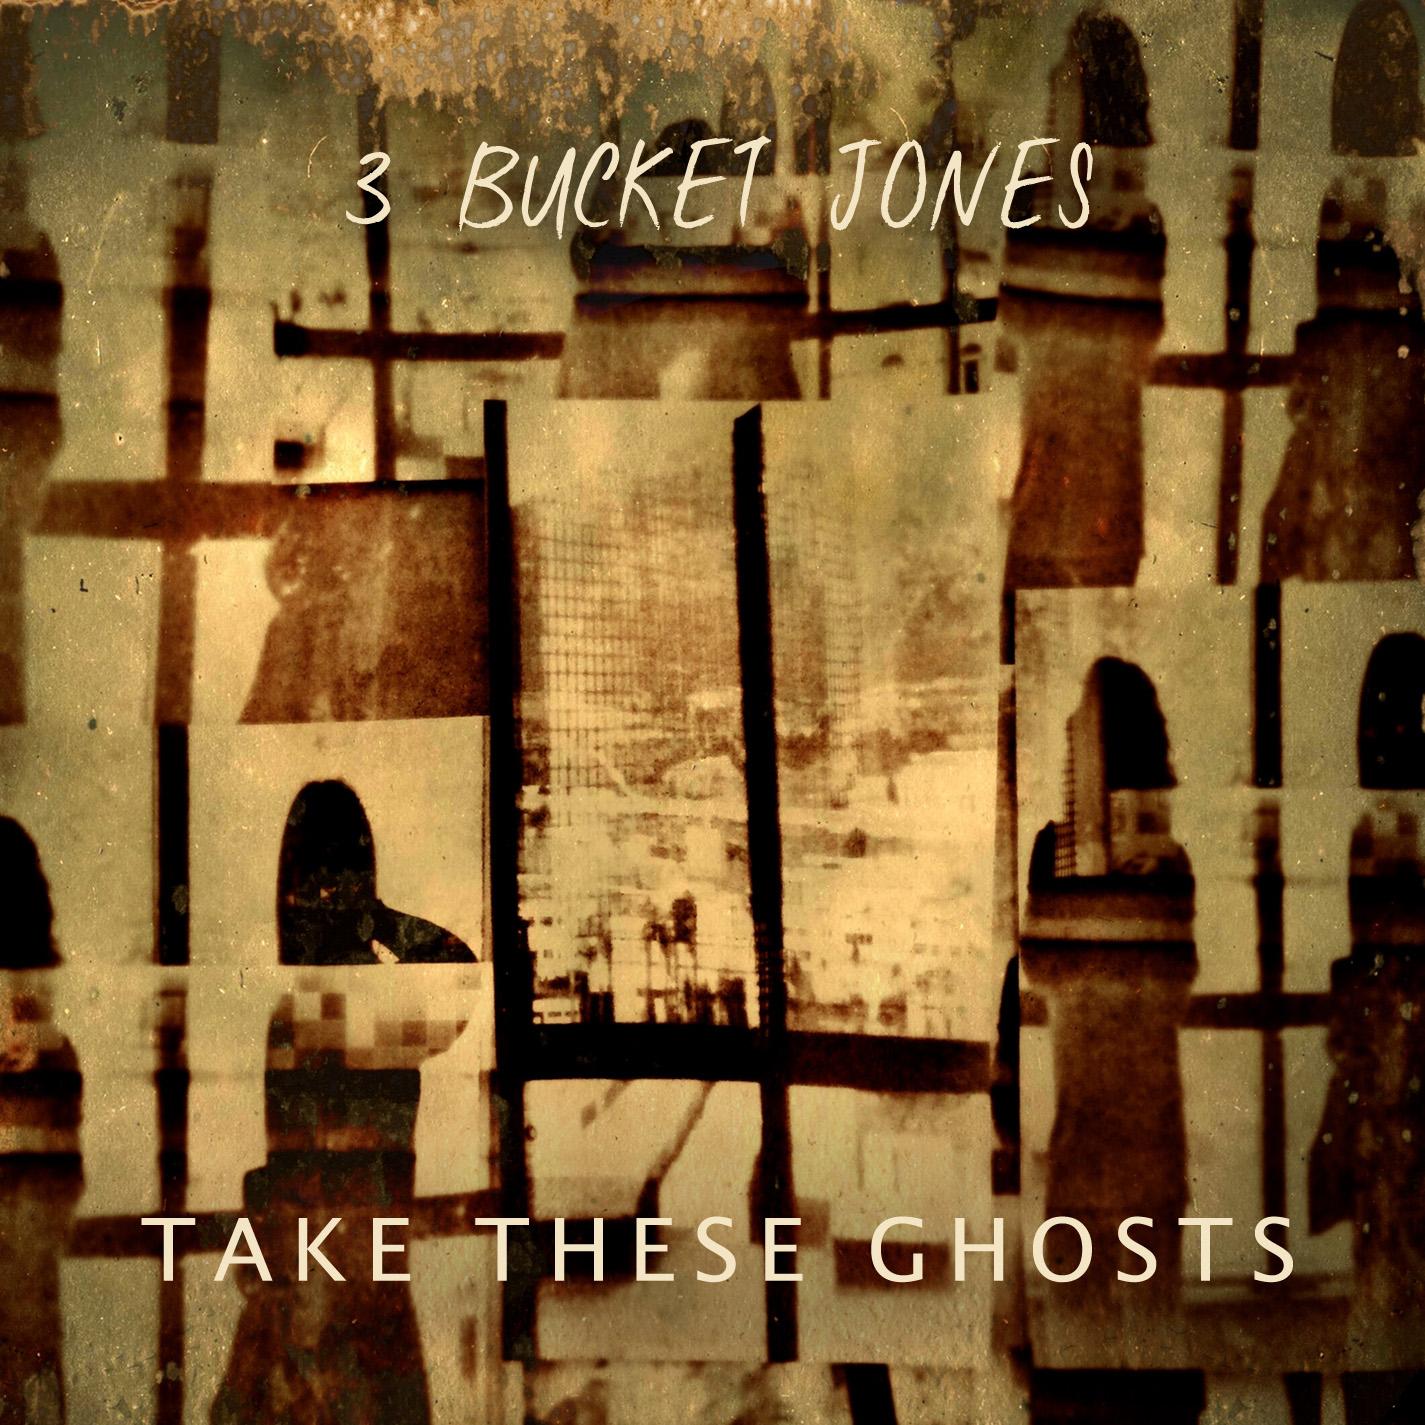 3BucketJones-iTunesCover